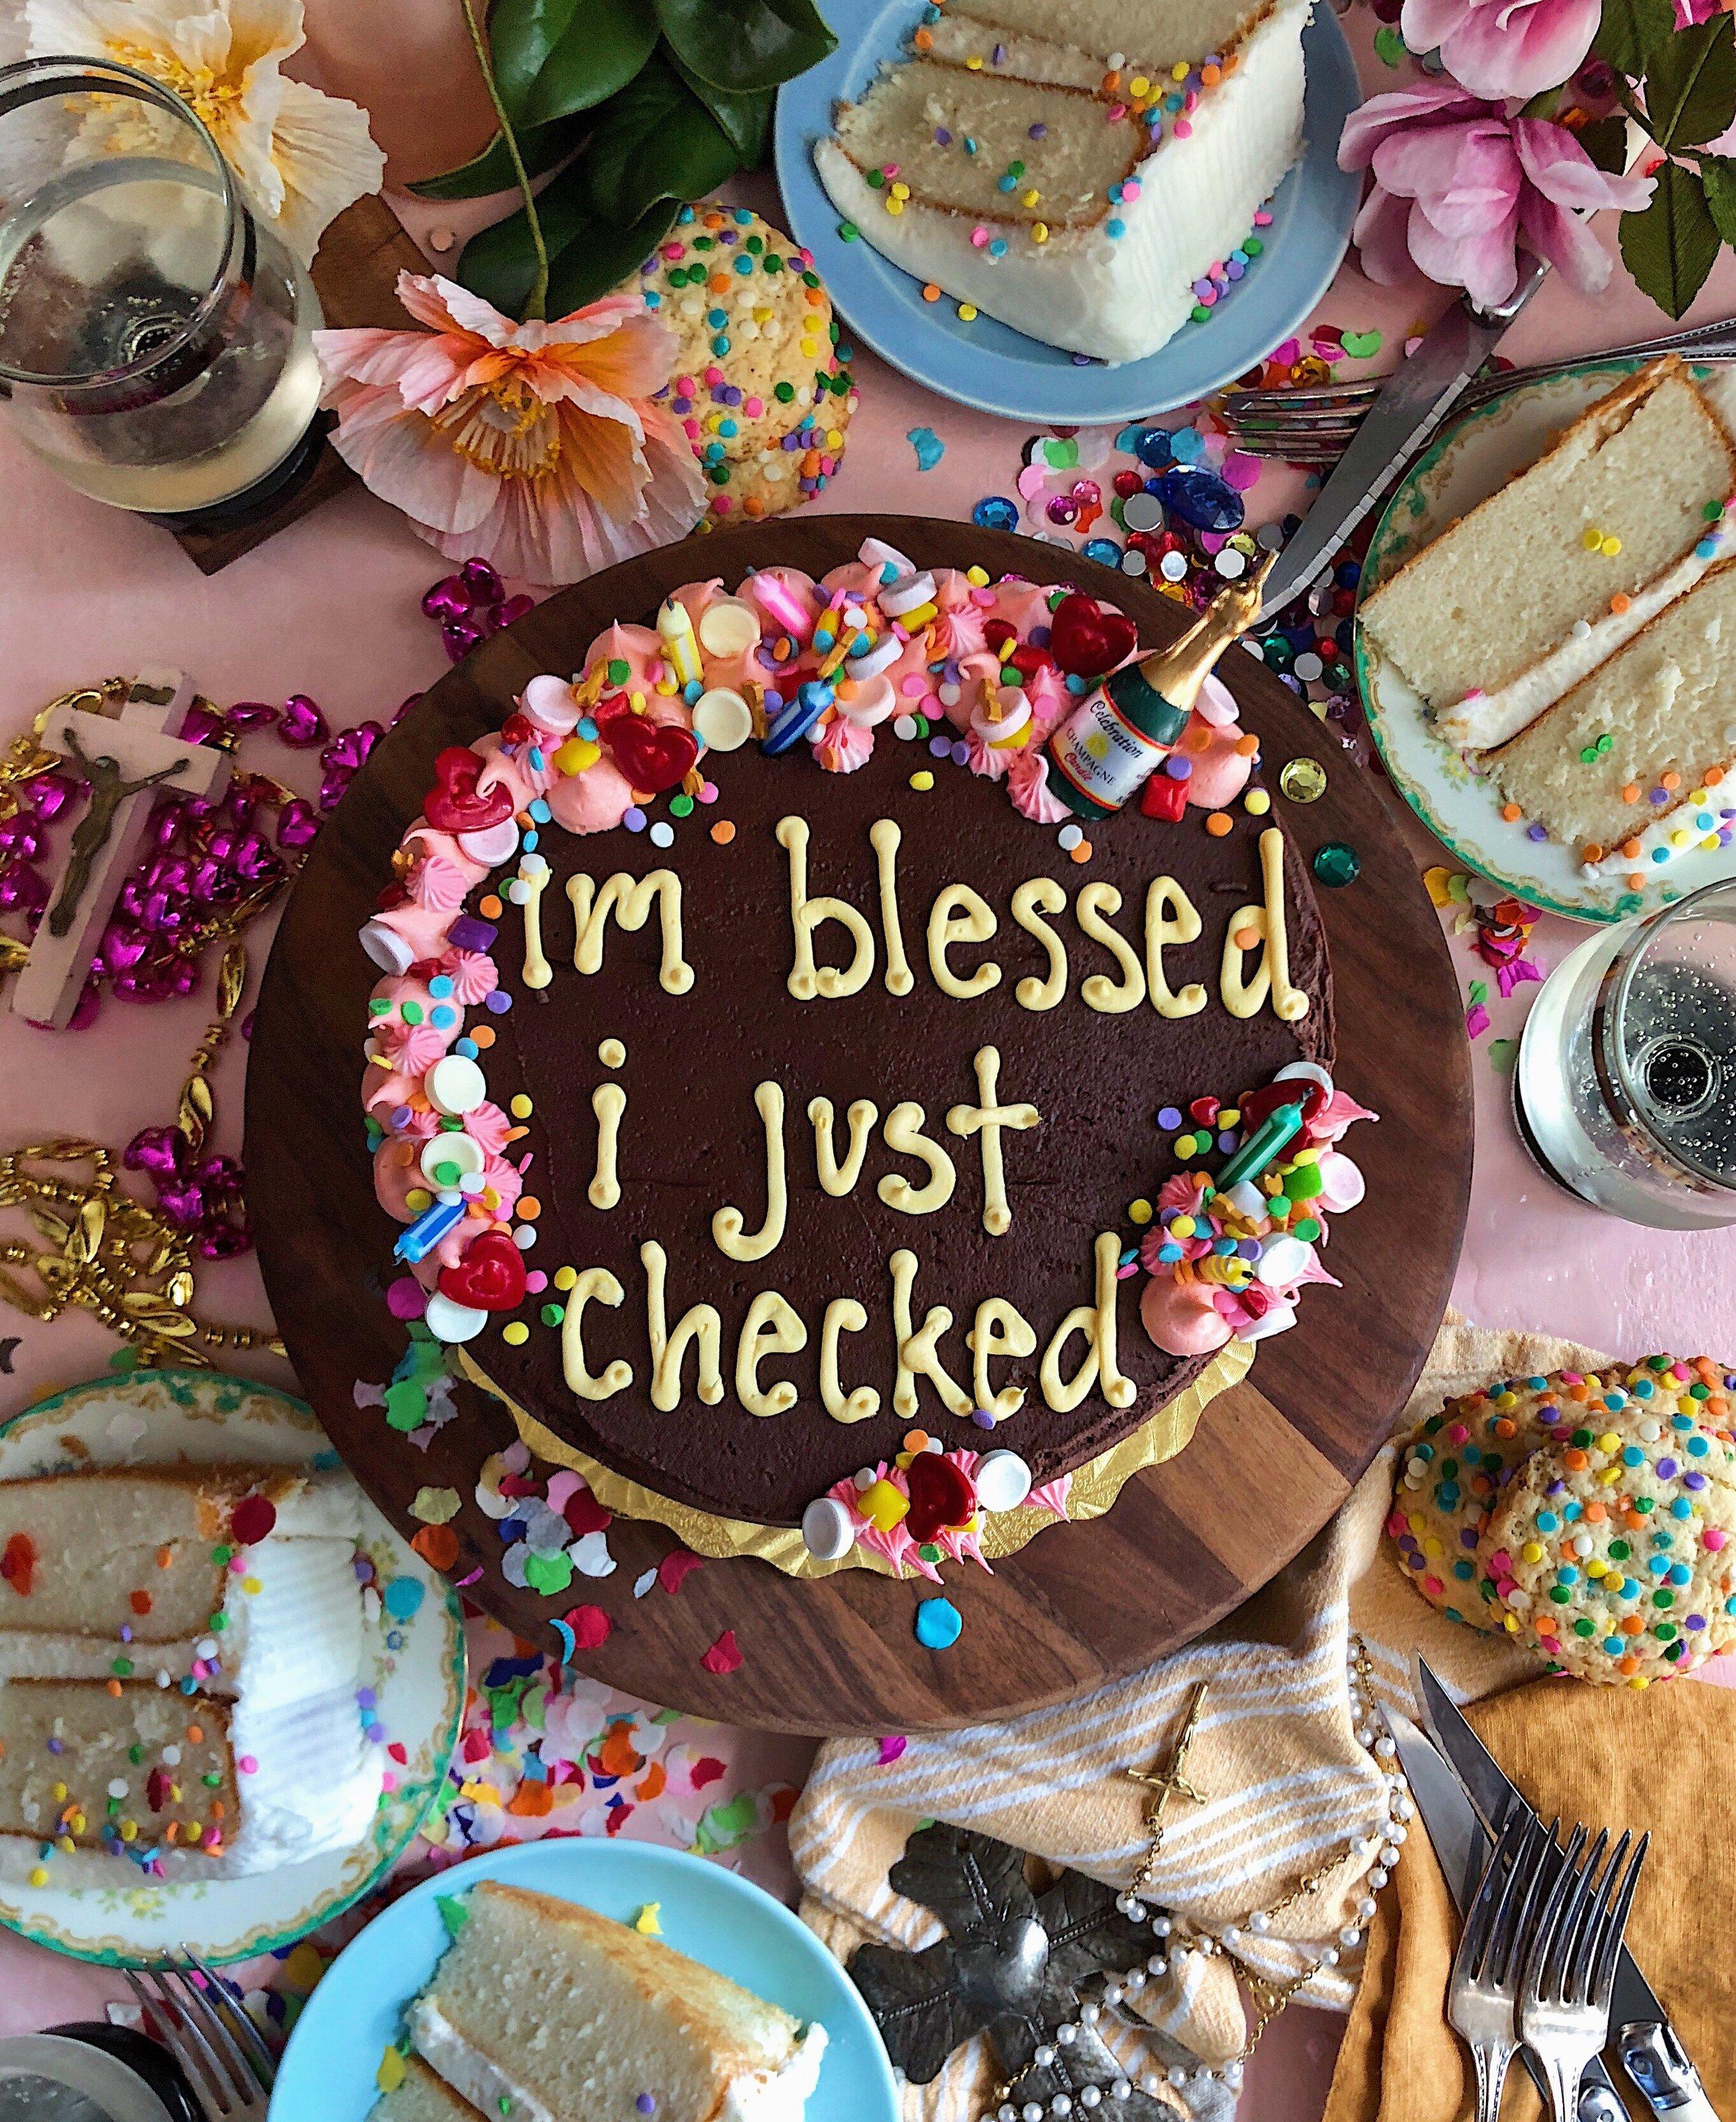 Drake on Cake _ Blessed.JPG